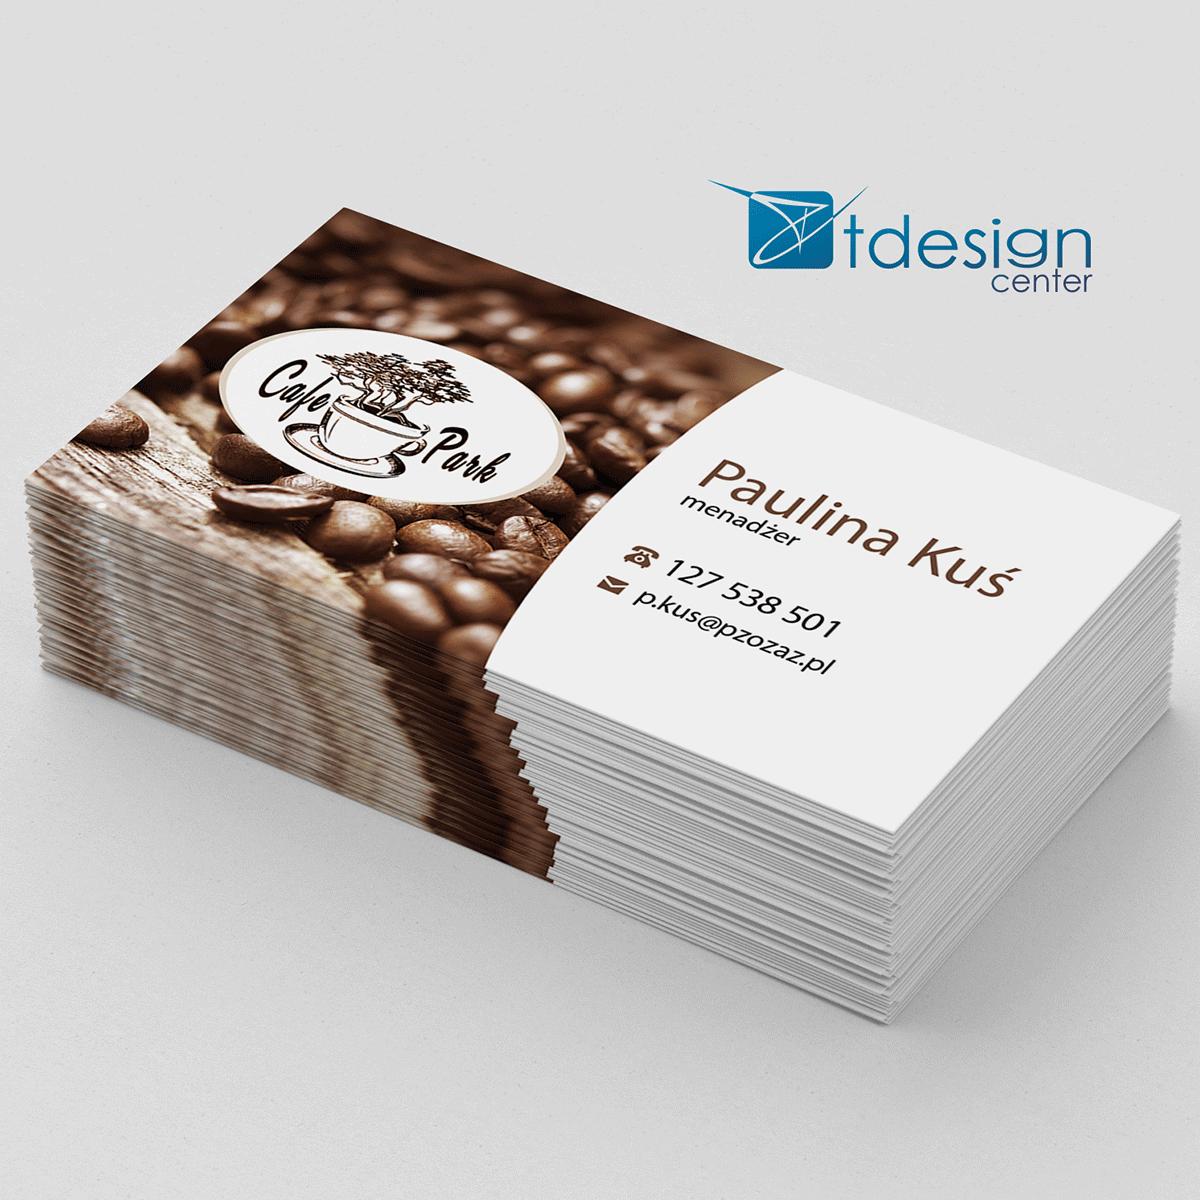 Wizytówki 90x50mm, projekt + druk, realizacja dla CafePark